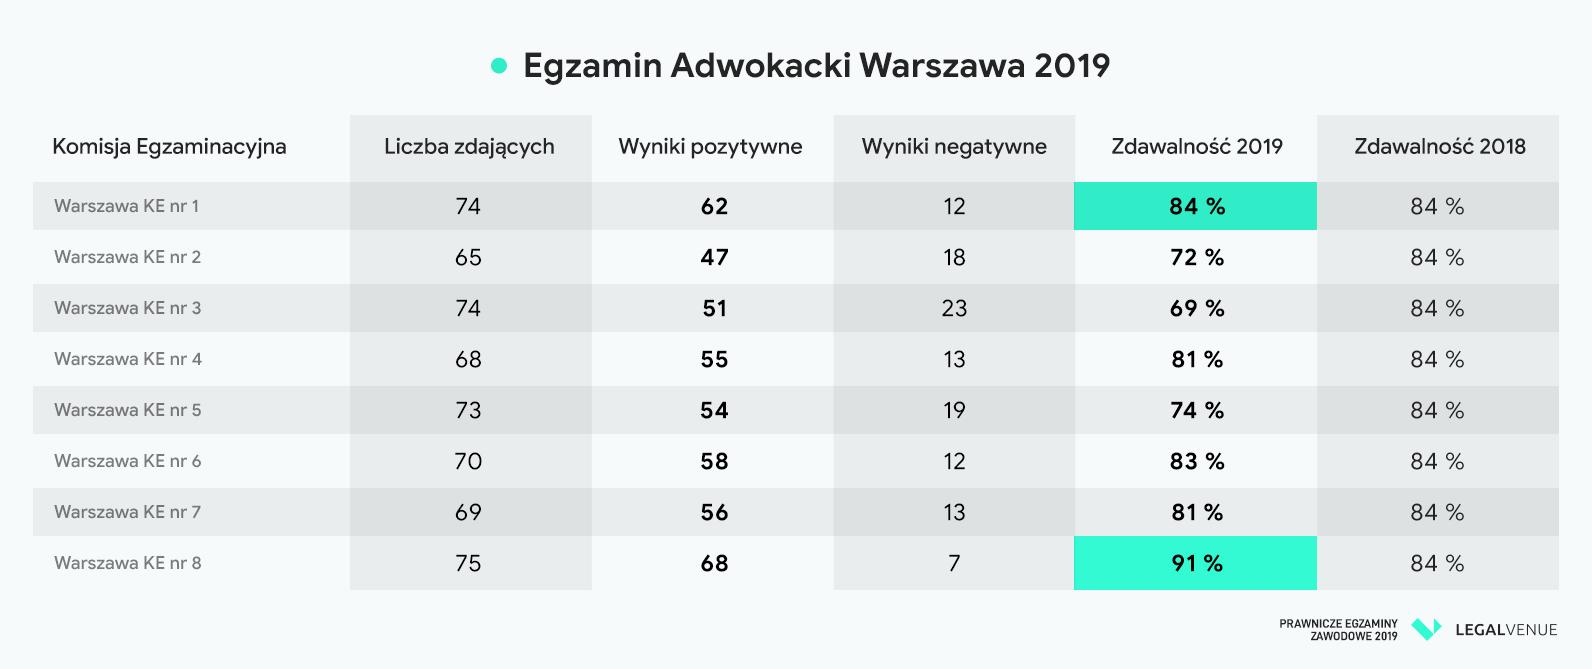 Egzamin-adwokacki-2019-Wyniki-Warszawa-rad